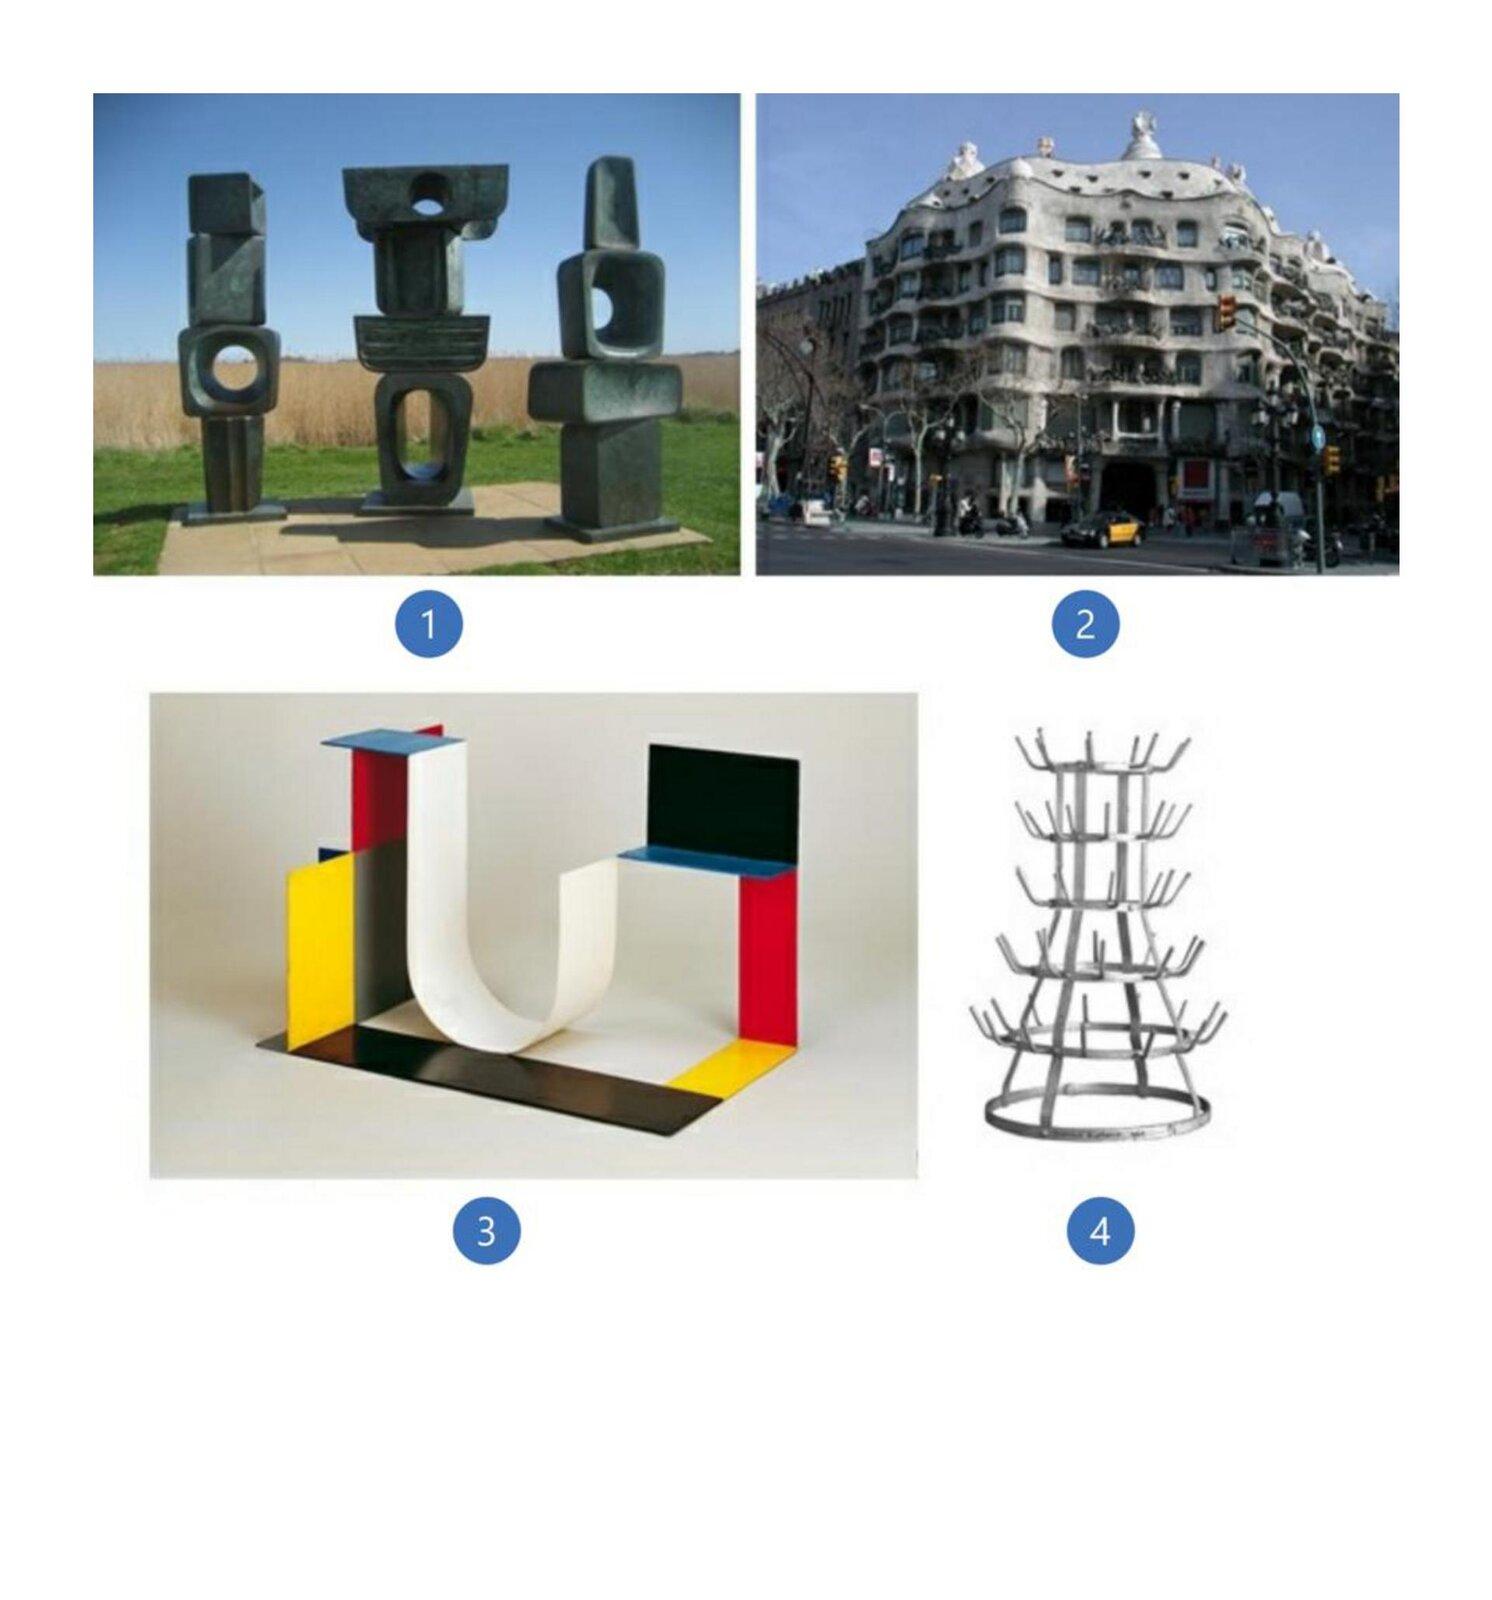 """Pierwsze zdjęcie to abstrakcyjna rzeźba zbrązu pt. """"Rodzina Człowiecza"""". Są to trzy posągi. Każdy znich składa się zczterech części przypominających duże kamienie. Są one wróżnych kształtach iwielkościach. Niektóre znich mają otwory różnej wielkości. Konstrukcja stoi na ułożonym zpłyt podeście. Drugie zdjęcie to budynek. Jest wielokondygnacyjny ima nieregularny kształt. Okna są duże, afasada budynku przypomina fale morskie. Wygląda ciężko imonumentalnie choć wzniesiona jest zcienkich wapiennych płyt. Balkony zdobią kute zżelaza balustrady przybierające kształt dzikich chaszczy. Ozdobą fasady głównej są również specjalnie rozmieszczone ptaki, które maja sprawiać wrażenie szykujących się do odlotu. Trzecie zdjęcie to abstrakcyjna rzeźba zmetalu. Kompozycja składa się zprostokątnych fragmentów wróżnych kolorach ioróżnej wielkości połączonych między sobą jedną krawędzią. Prostokąty są wkolorach żółtym, czarnym, czerwonym iniebieskim. Wcentralnej części jest jeden fragment który został wygięty wkształcie odwróconej litery j. Jest wkolorze białym. Czwarte zdjęcie to metalowa konstrukcja składająca się zsześciu okręgów oróżnej wielkości połączonych ze sobą. Okręgi układają się poziomo. Na spodzie jest największy okrąg, akolejne są coraz mniejsze. Koła połączone są czterema wygiętymi, metalowymi listwami stojącymi wpionie. Zokręgów, za wyjątkiem pierwszego wystają metalowe pręty, które przypominają wieszaczki. Są umiejscowione wodstępach dookoła okręgu."""